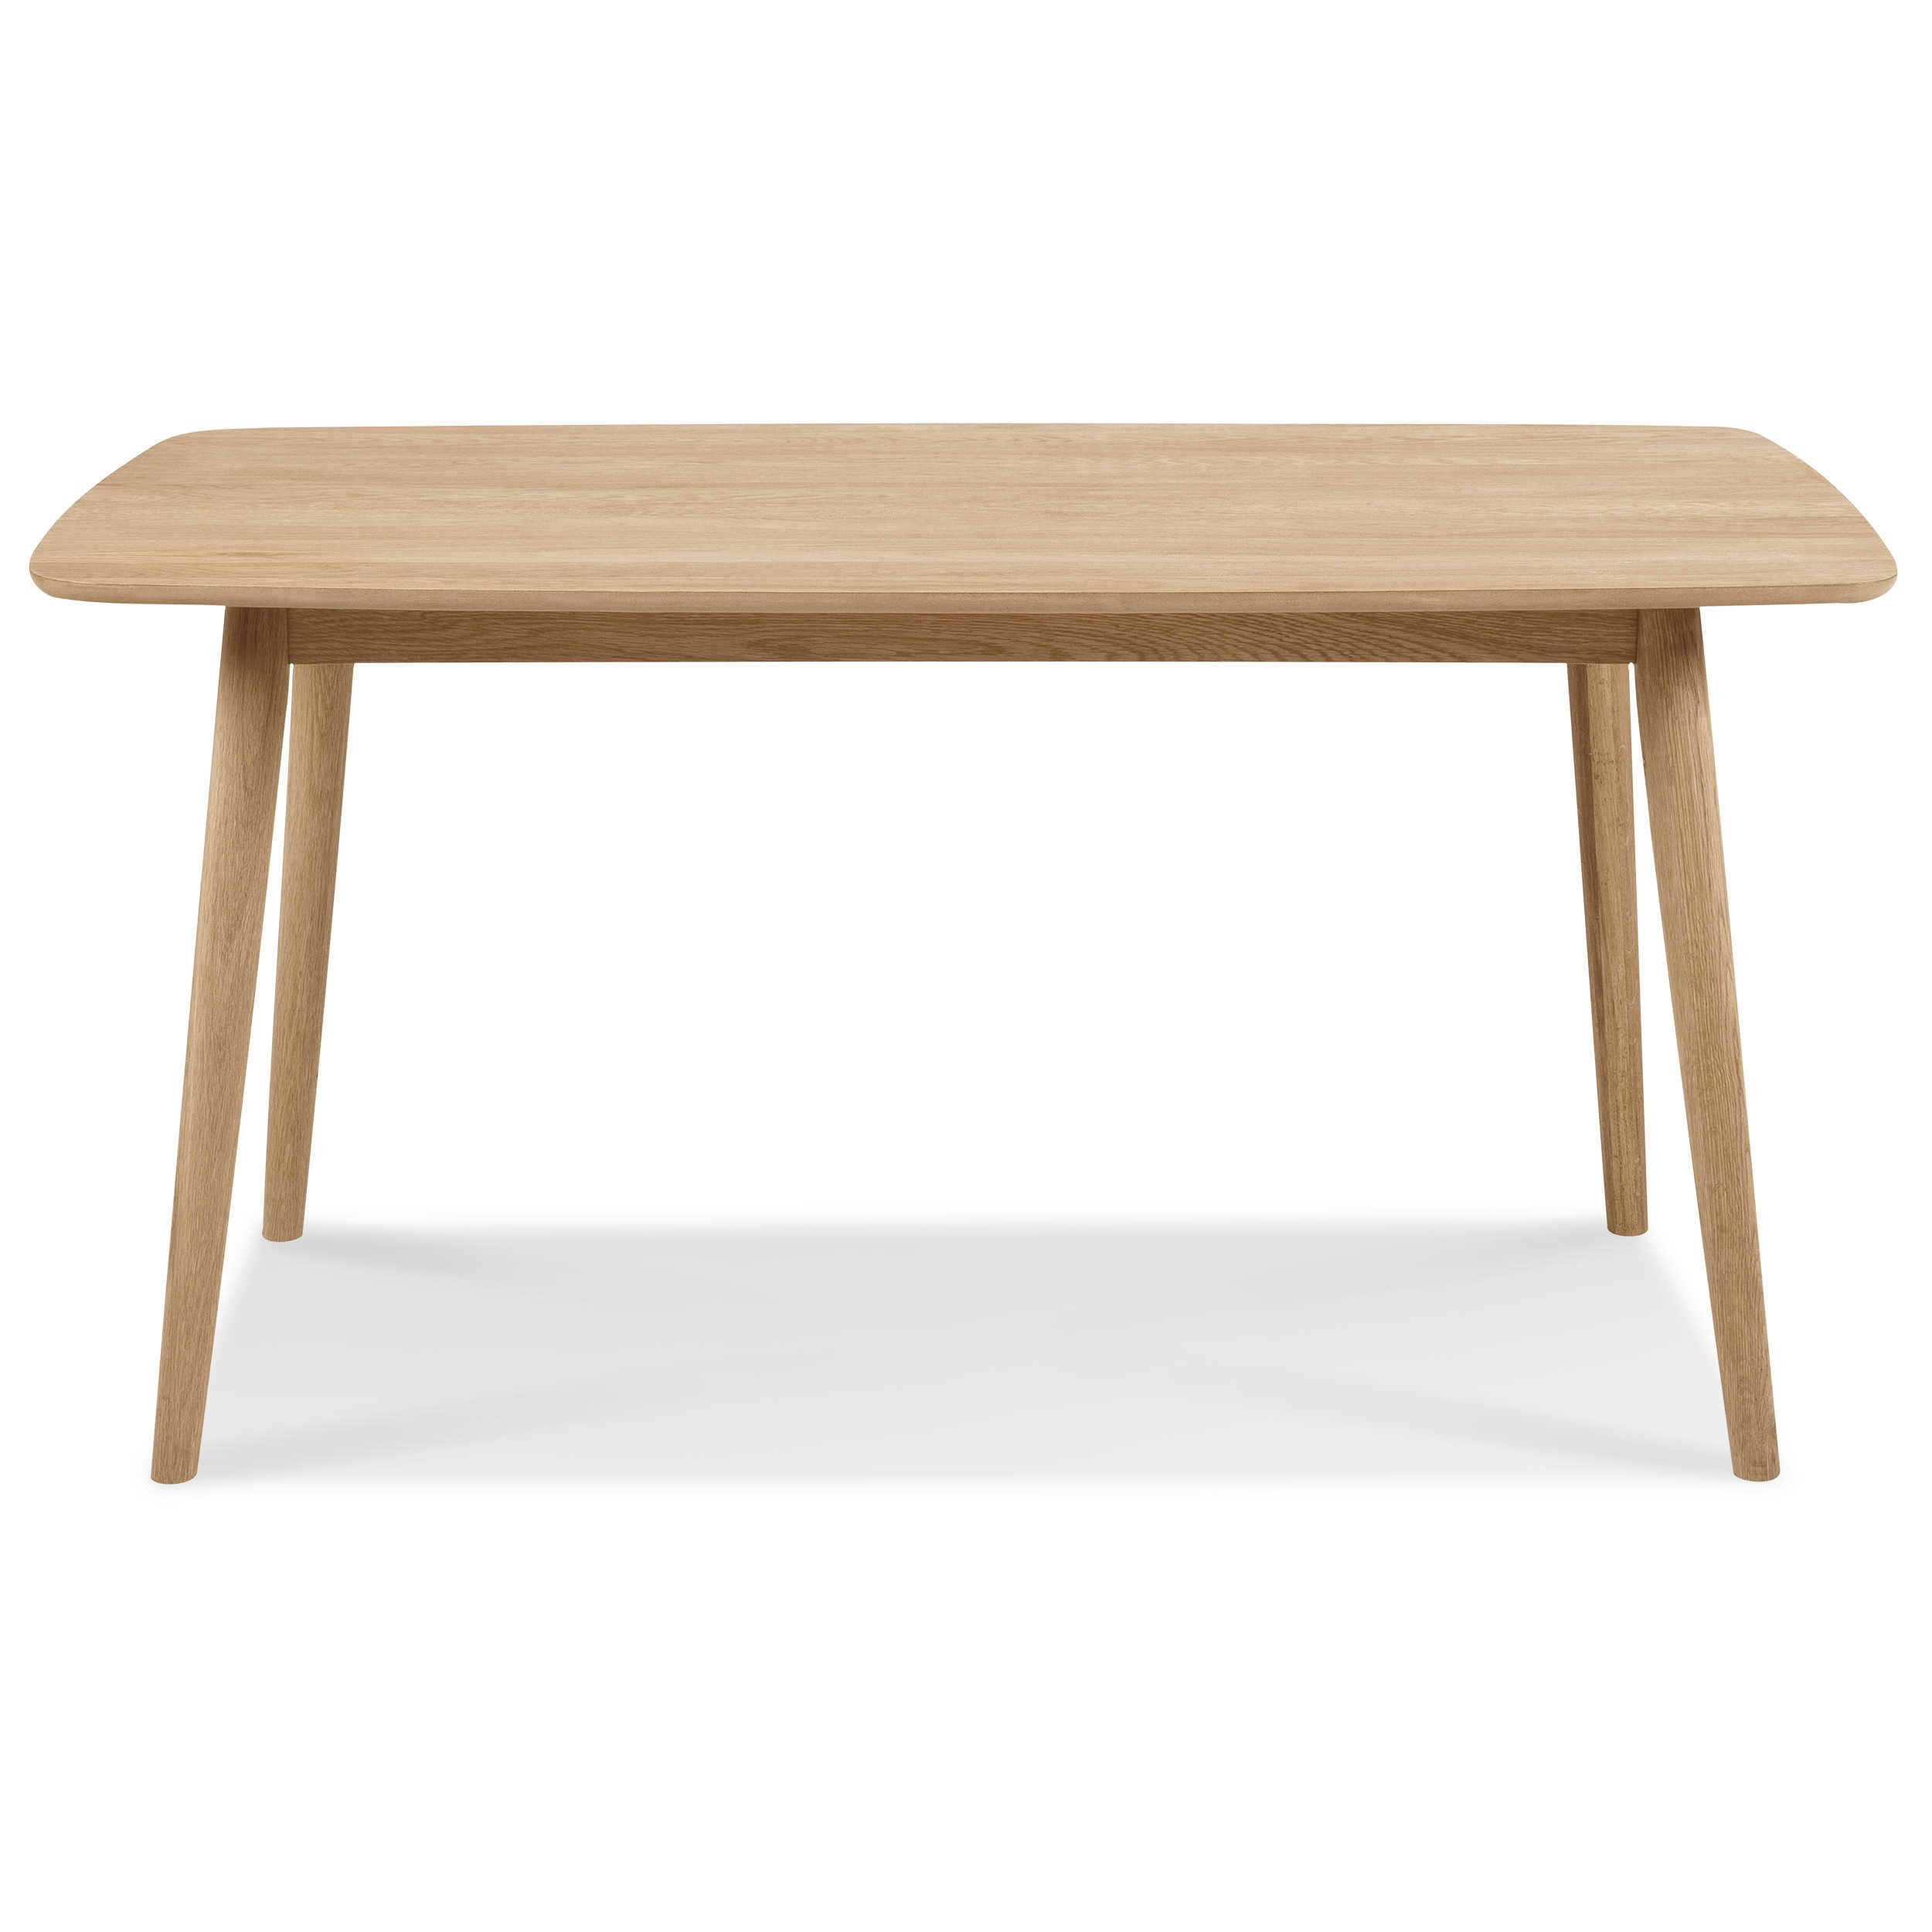 actona esstisch marta 150 x 80 cm eiche holz 150 x 80 cm online kaufen bei woonio. Black Bedroom Furniture Sets. Home Design Ideas